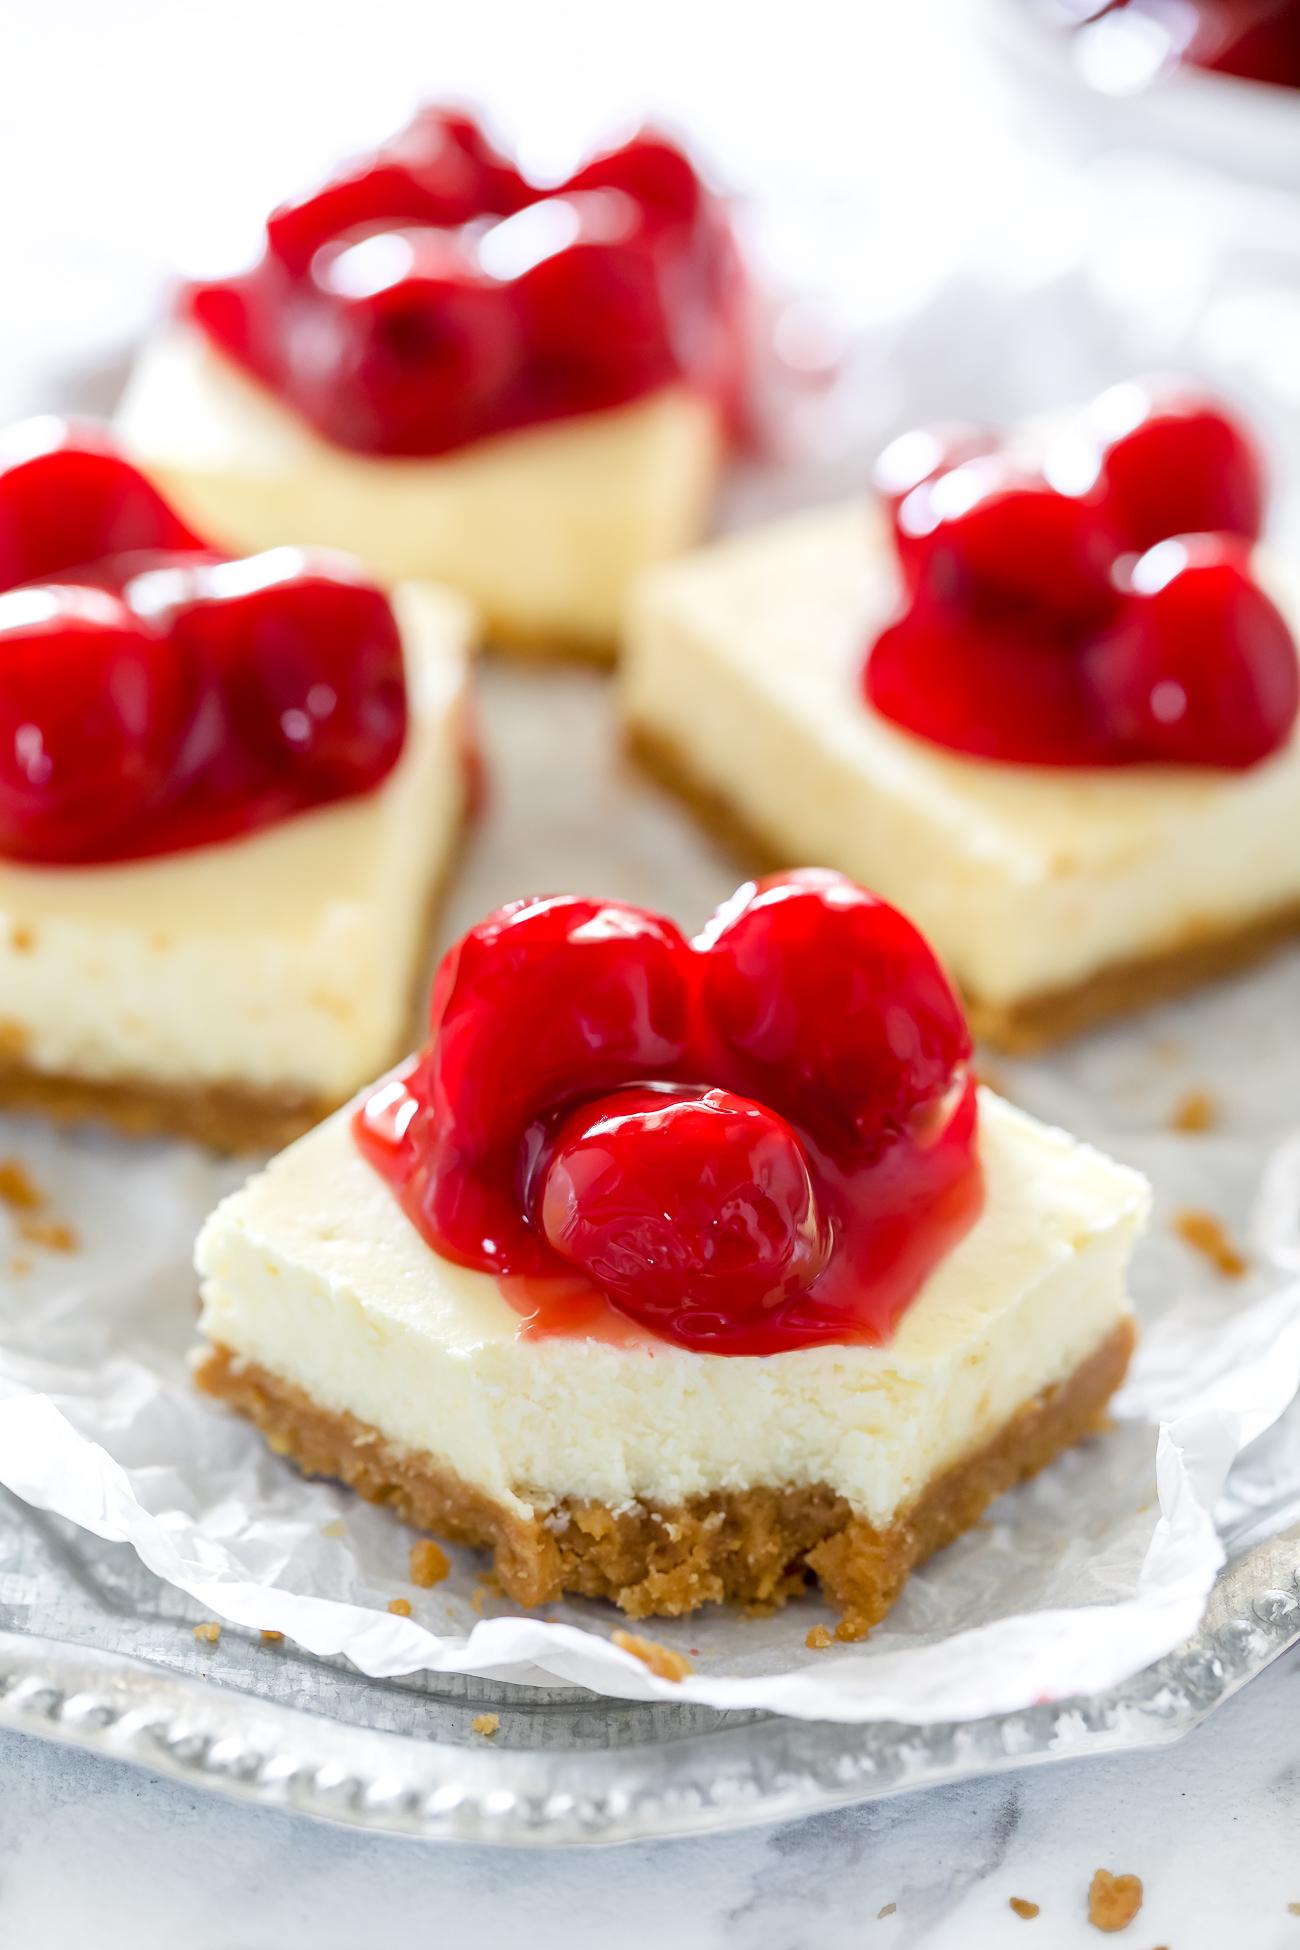 gluten-free graham cracker crust cheesecake bar topped with cherries